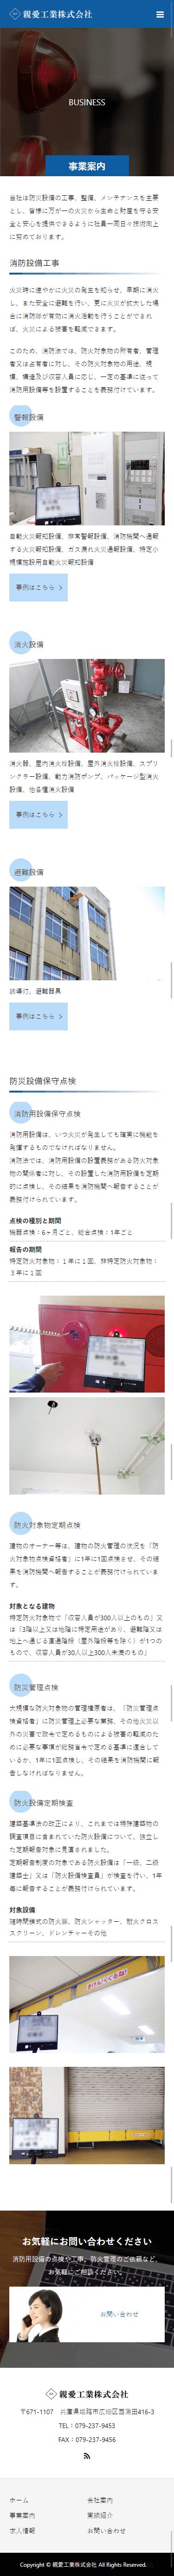 姫路市 親愛工業株式会社 ホームページ制作4